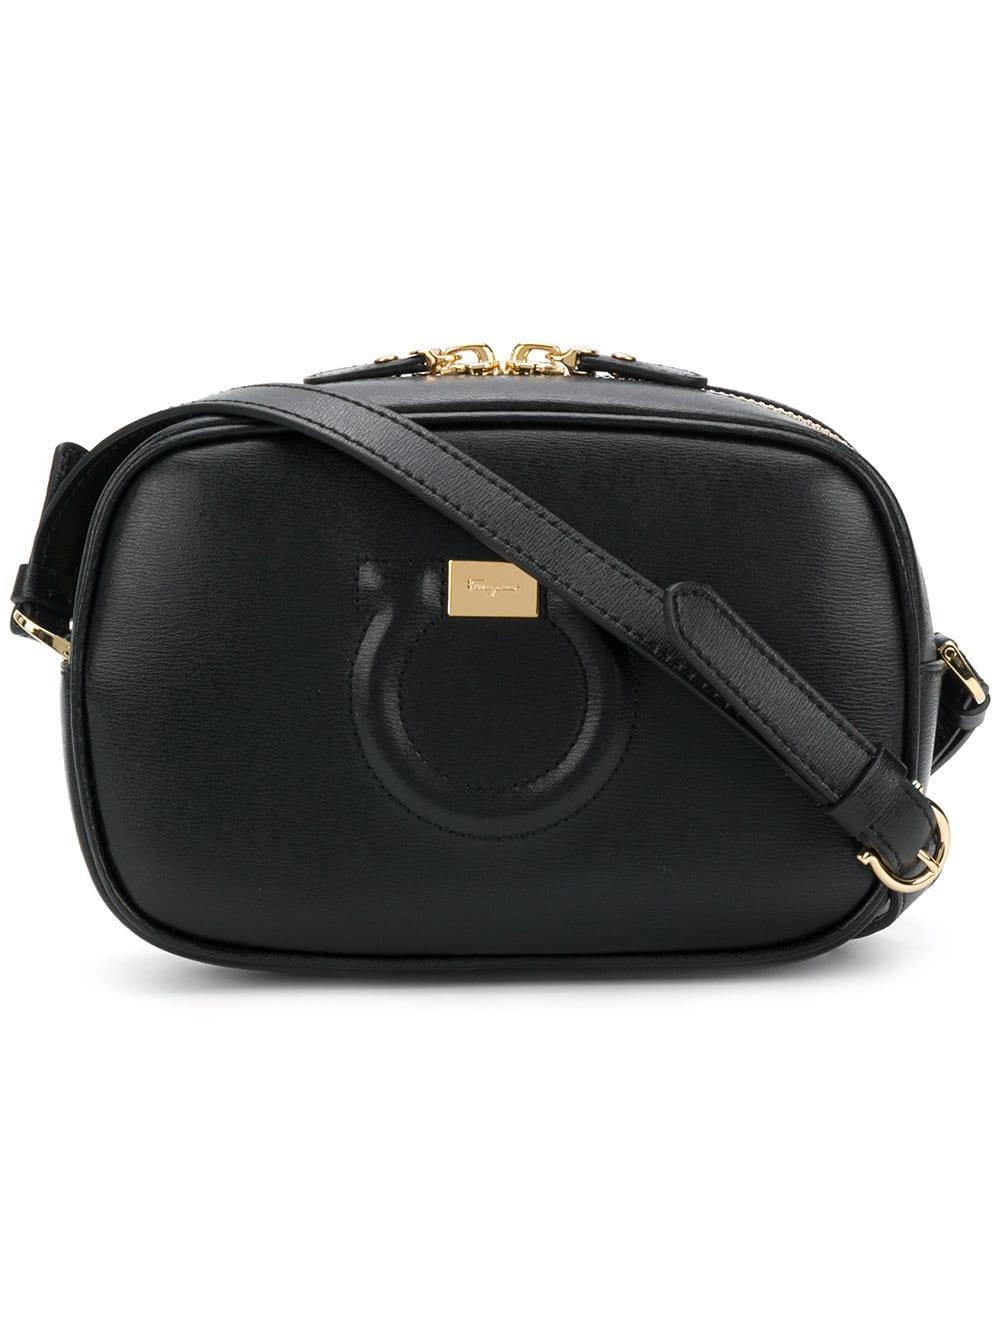 e55ccd6af233 Lyst - Ferragamo City Leather Shoulder Bag in Black - Save 6%